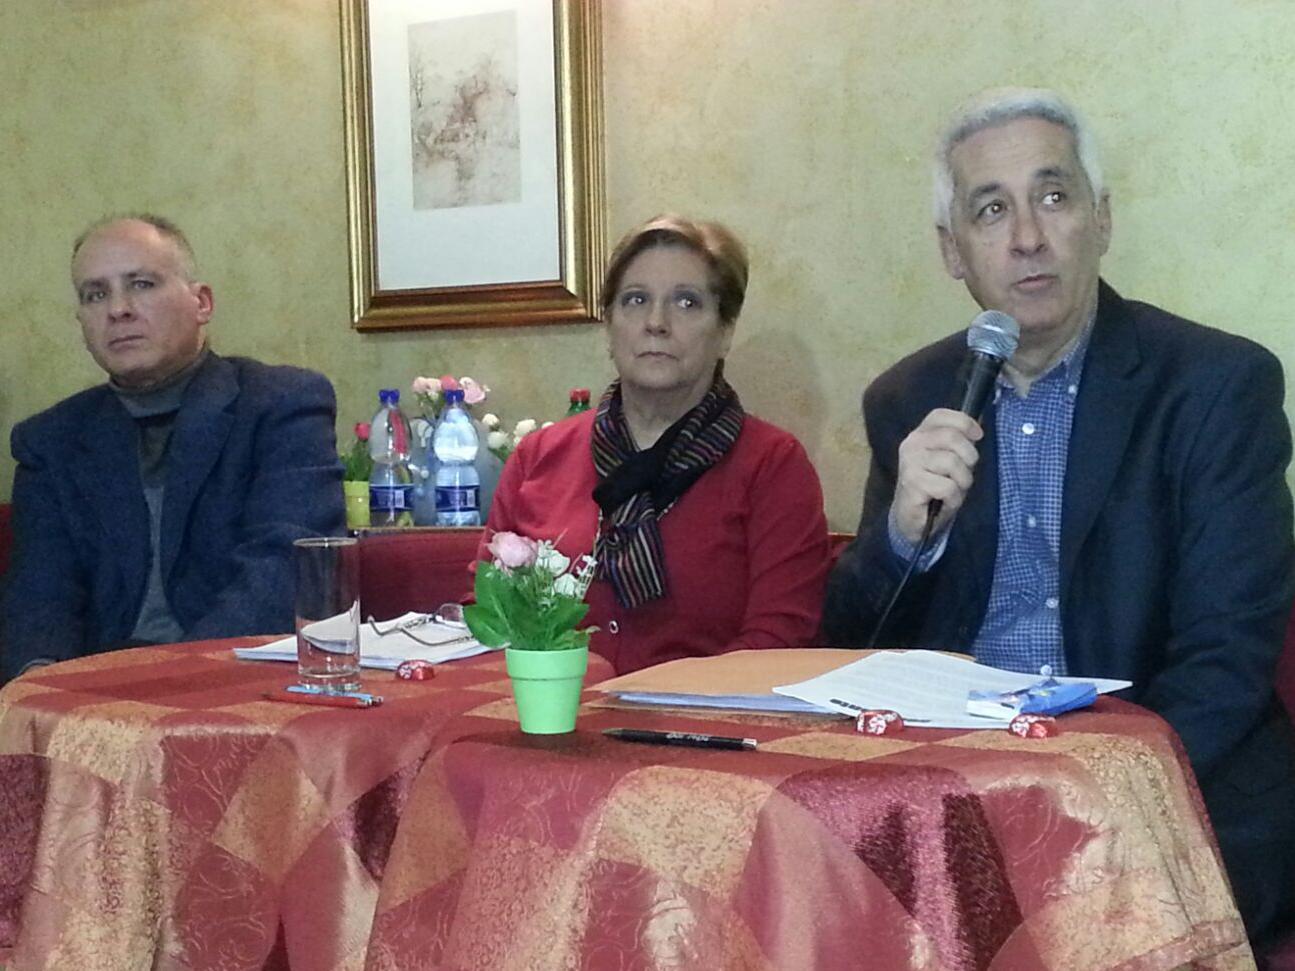 Benevento| Acqua non potabile al Rione Liberta', Altrabenevento presenta esposto alla Procura e raccogliera' firme in citta0